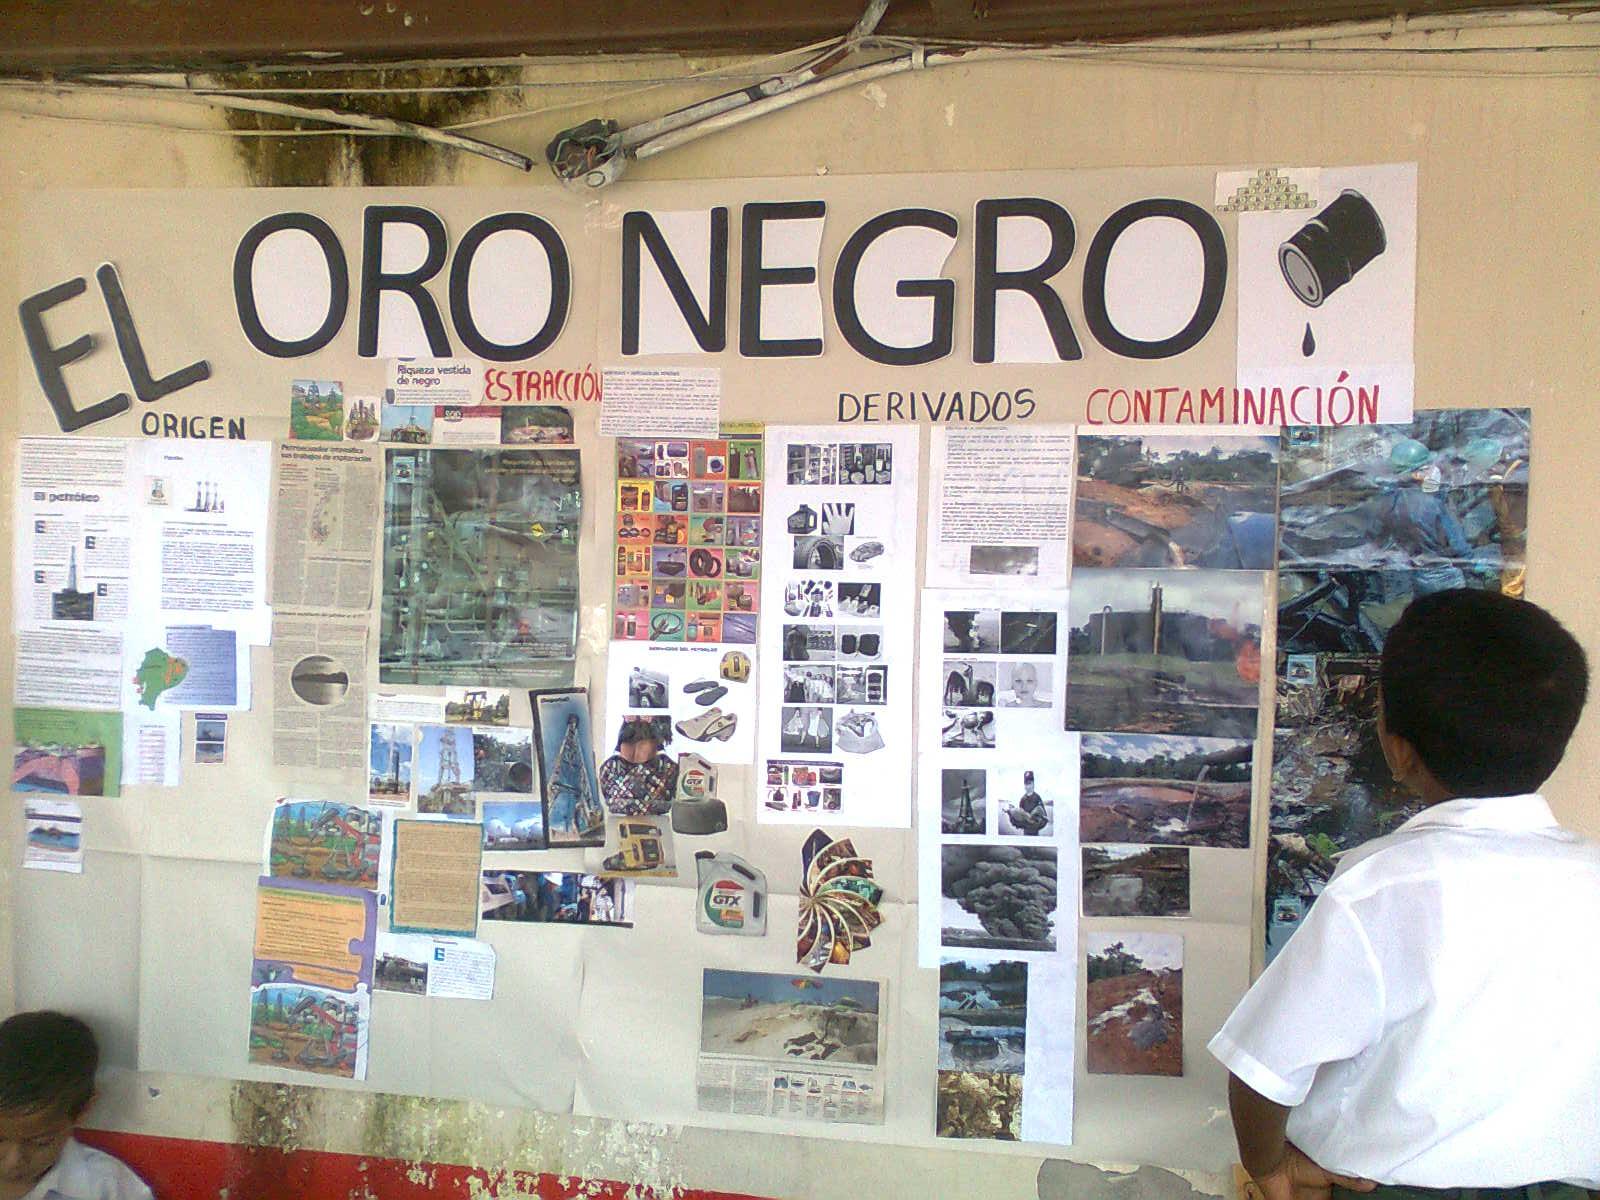 Oro negro for El periodico mural wikipedia